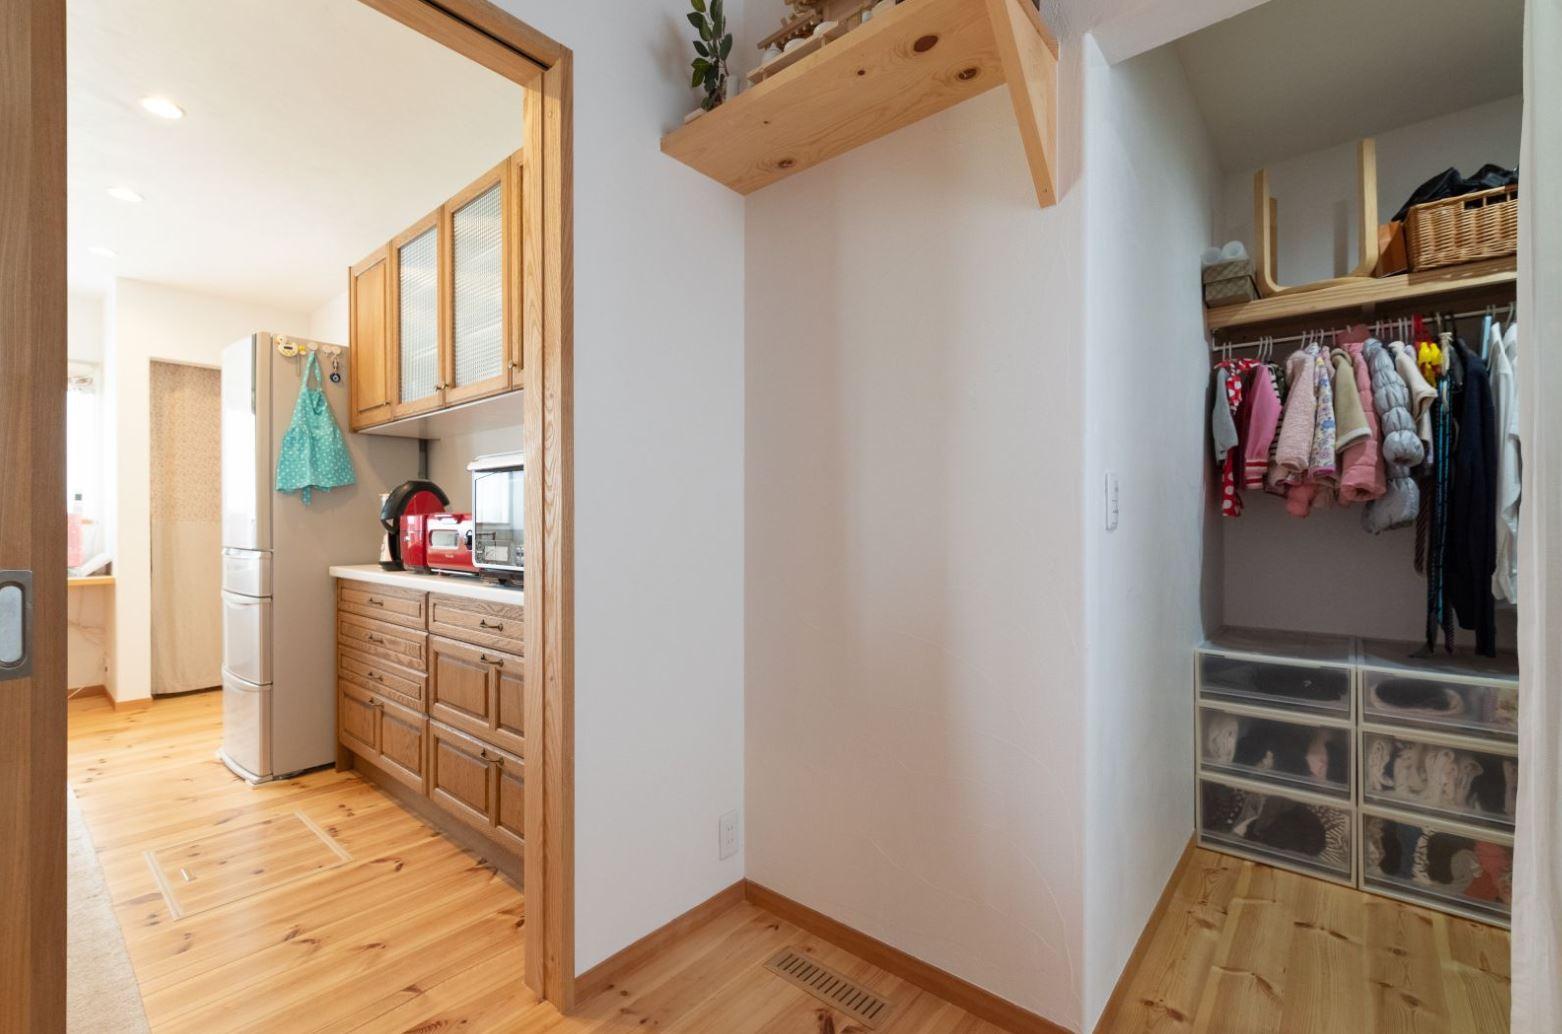 アイジースタイルハウス【子育て、自然素材、平屋】キッチンを起点とした家事ラク動線。トイレ前の収納で子どもたちの支度が揃う